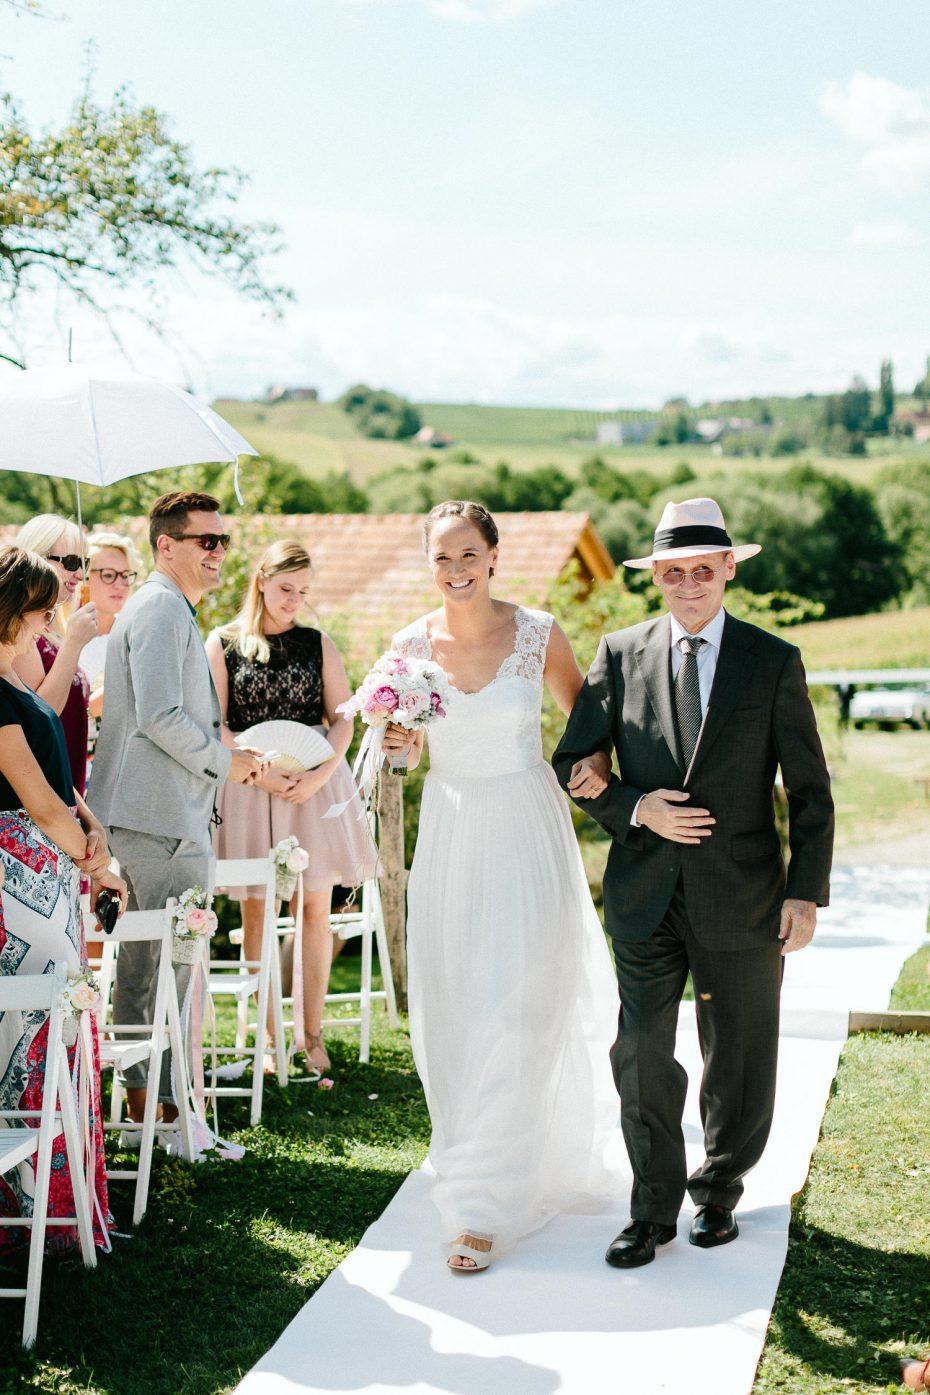 Julia+Daniel - JD-Hochzeit-Weingut-Holler-036.jpg